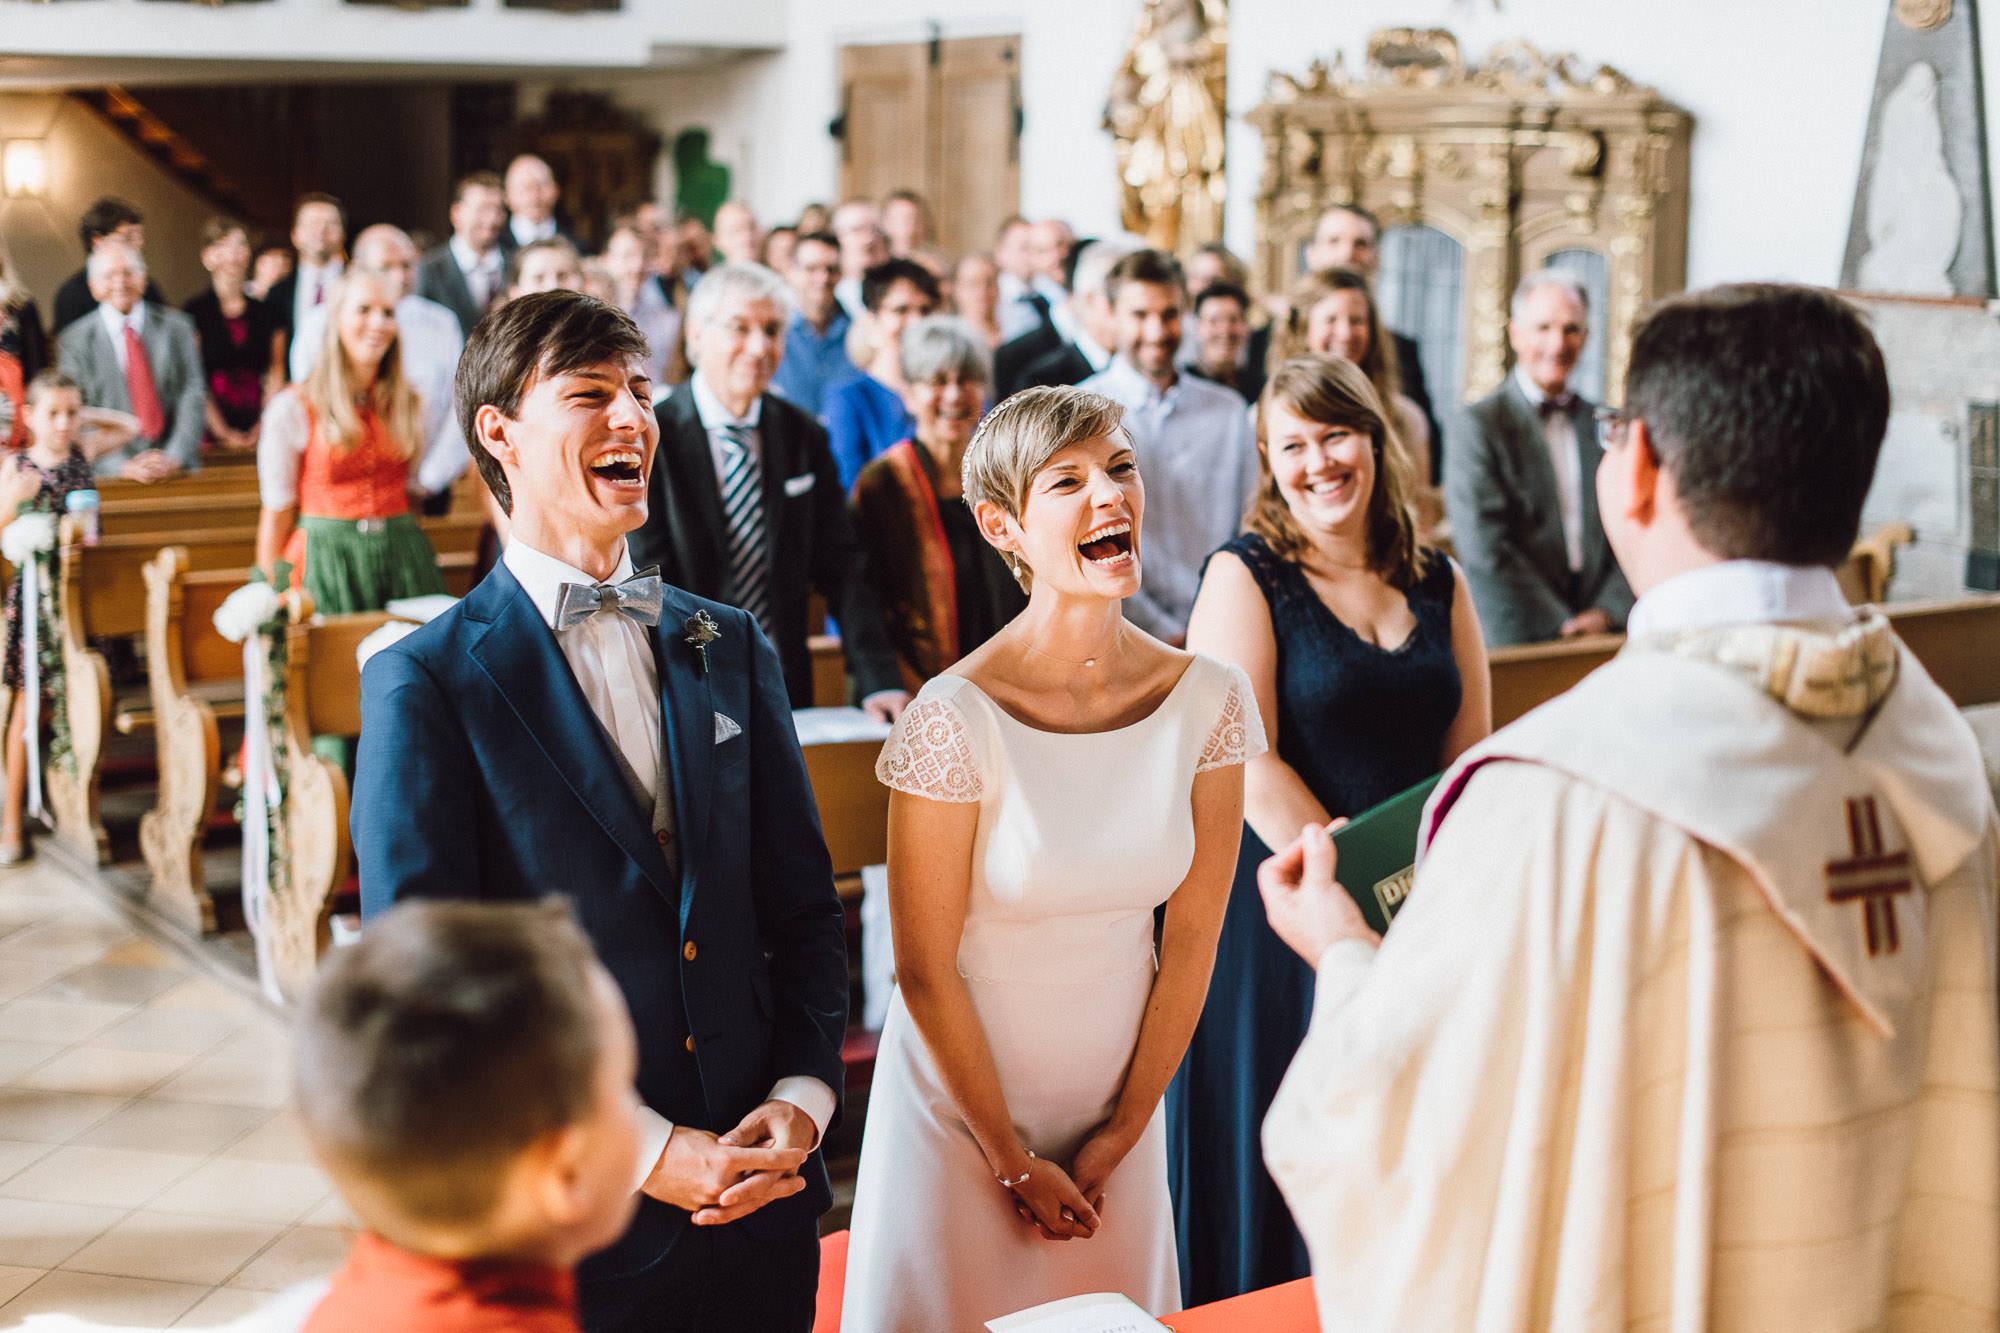 greenery-wedding-hochzeit-prielhof-sukkulenten-scheyern-lauraelenaphotography-049